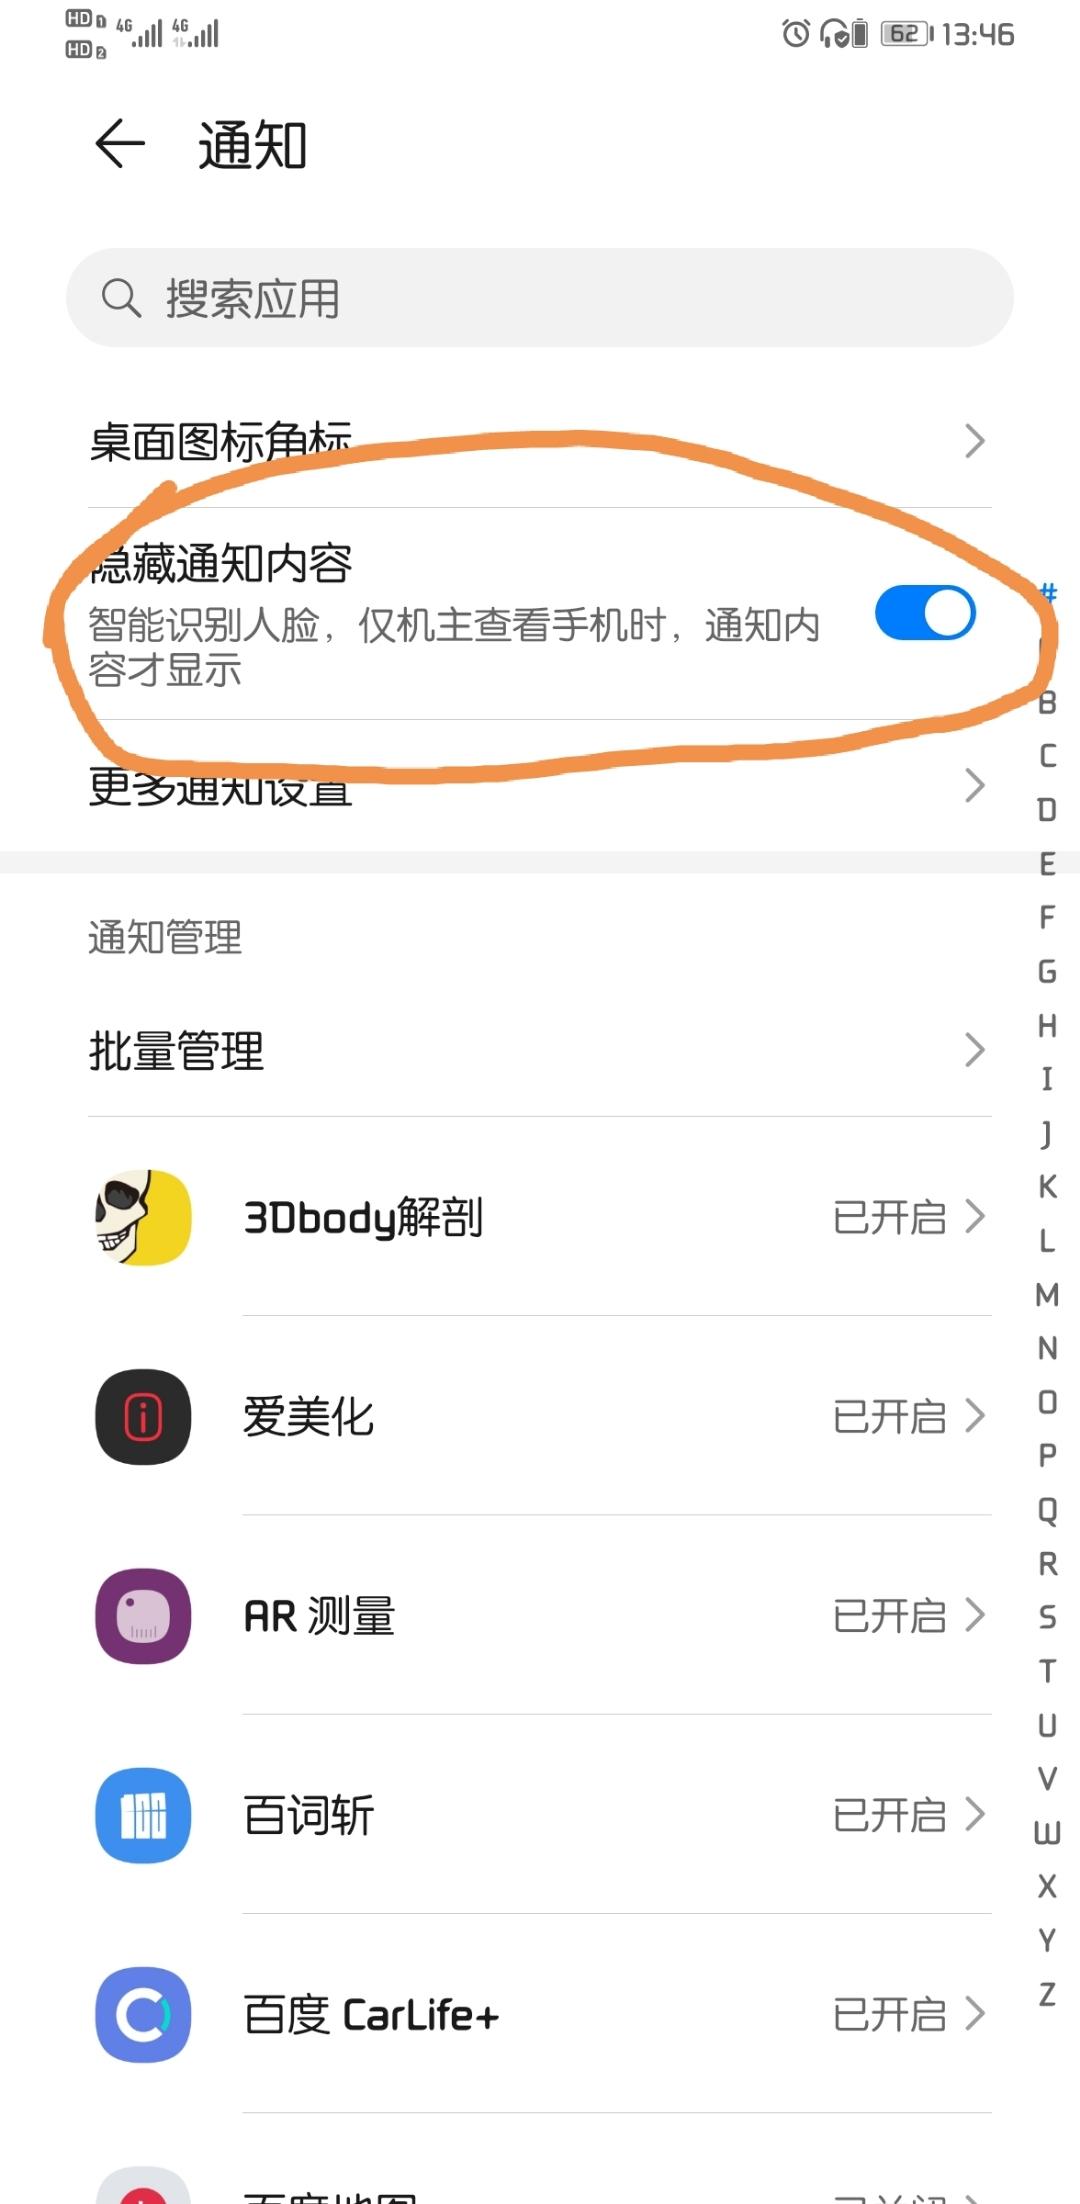 Screenshot_20200515_134626.jpg